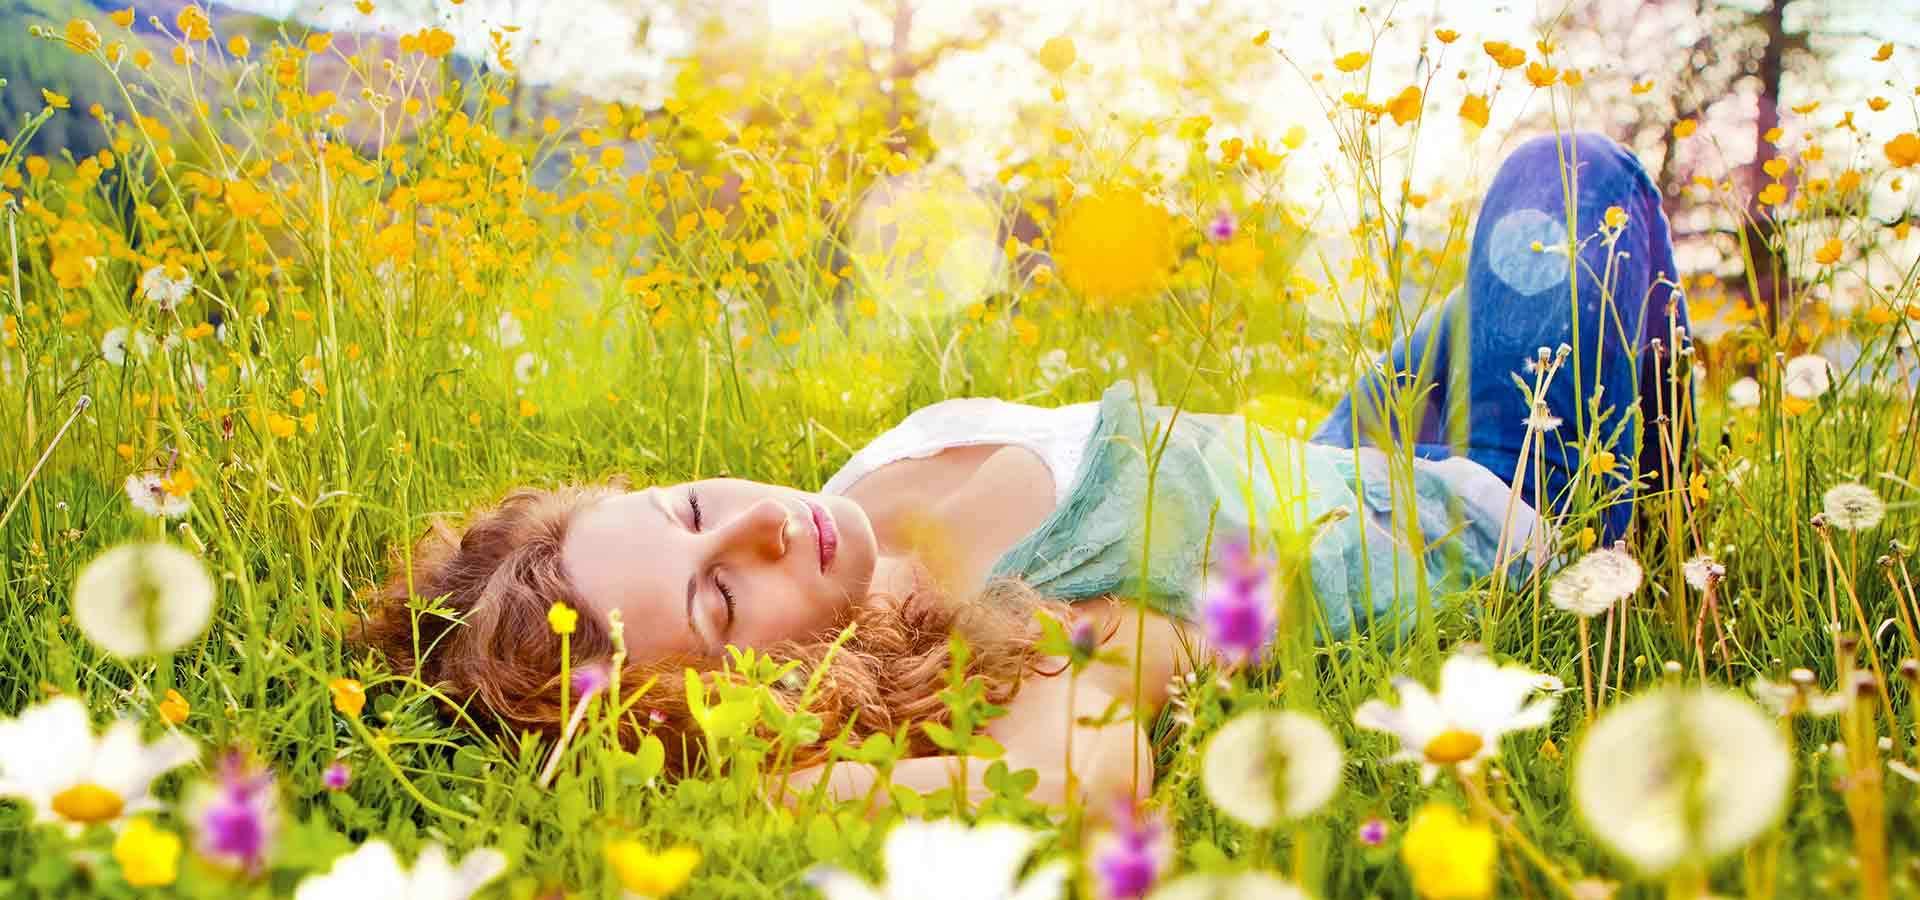 Yasemin Çiçeğinin ve Yağının Özellikleri